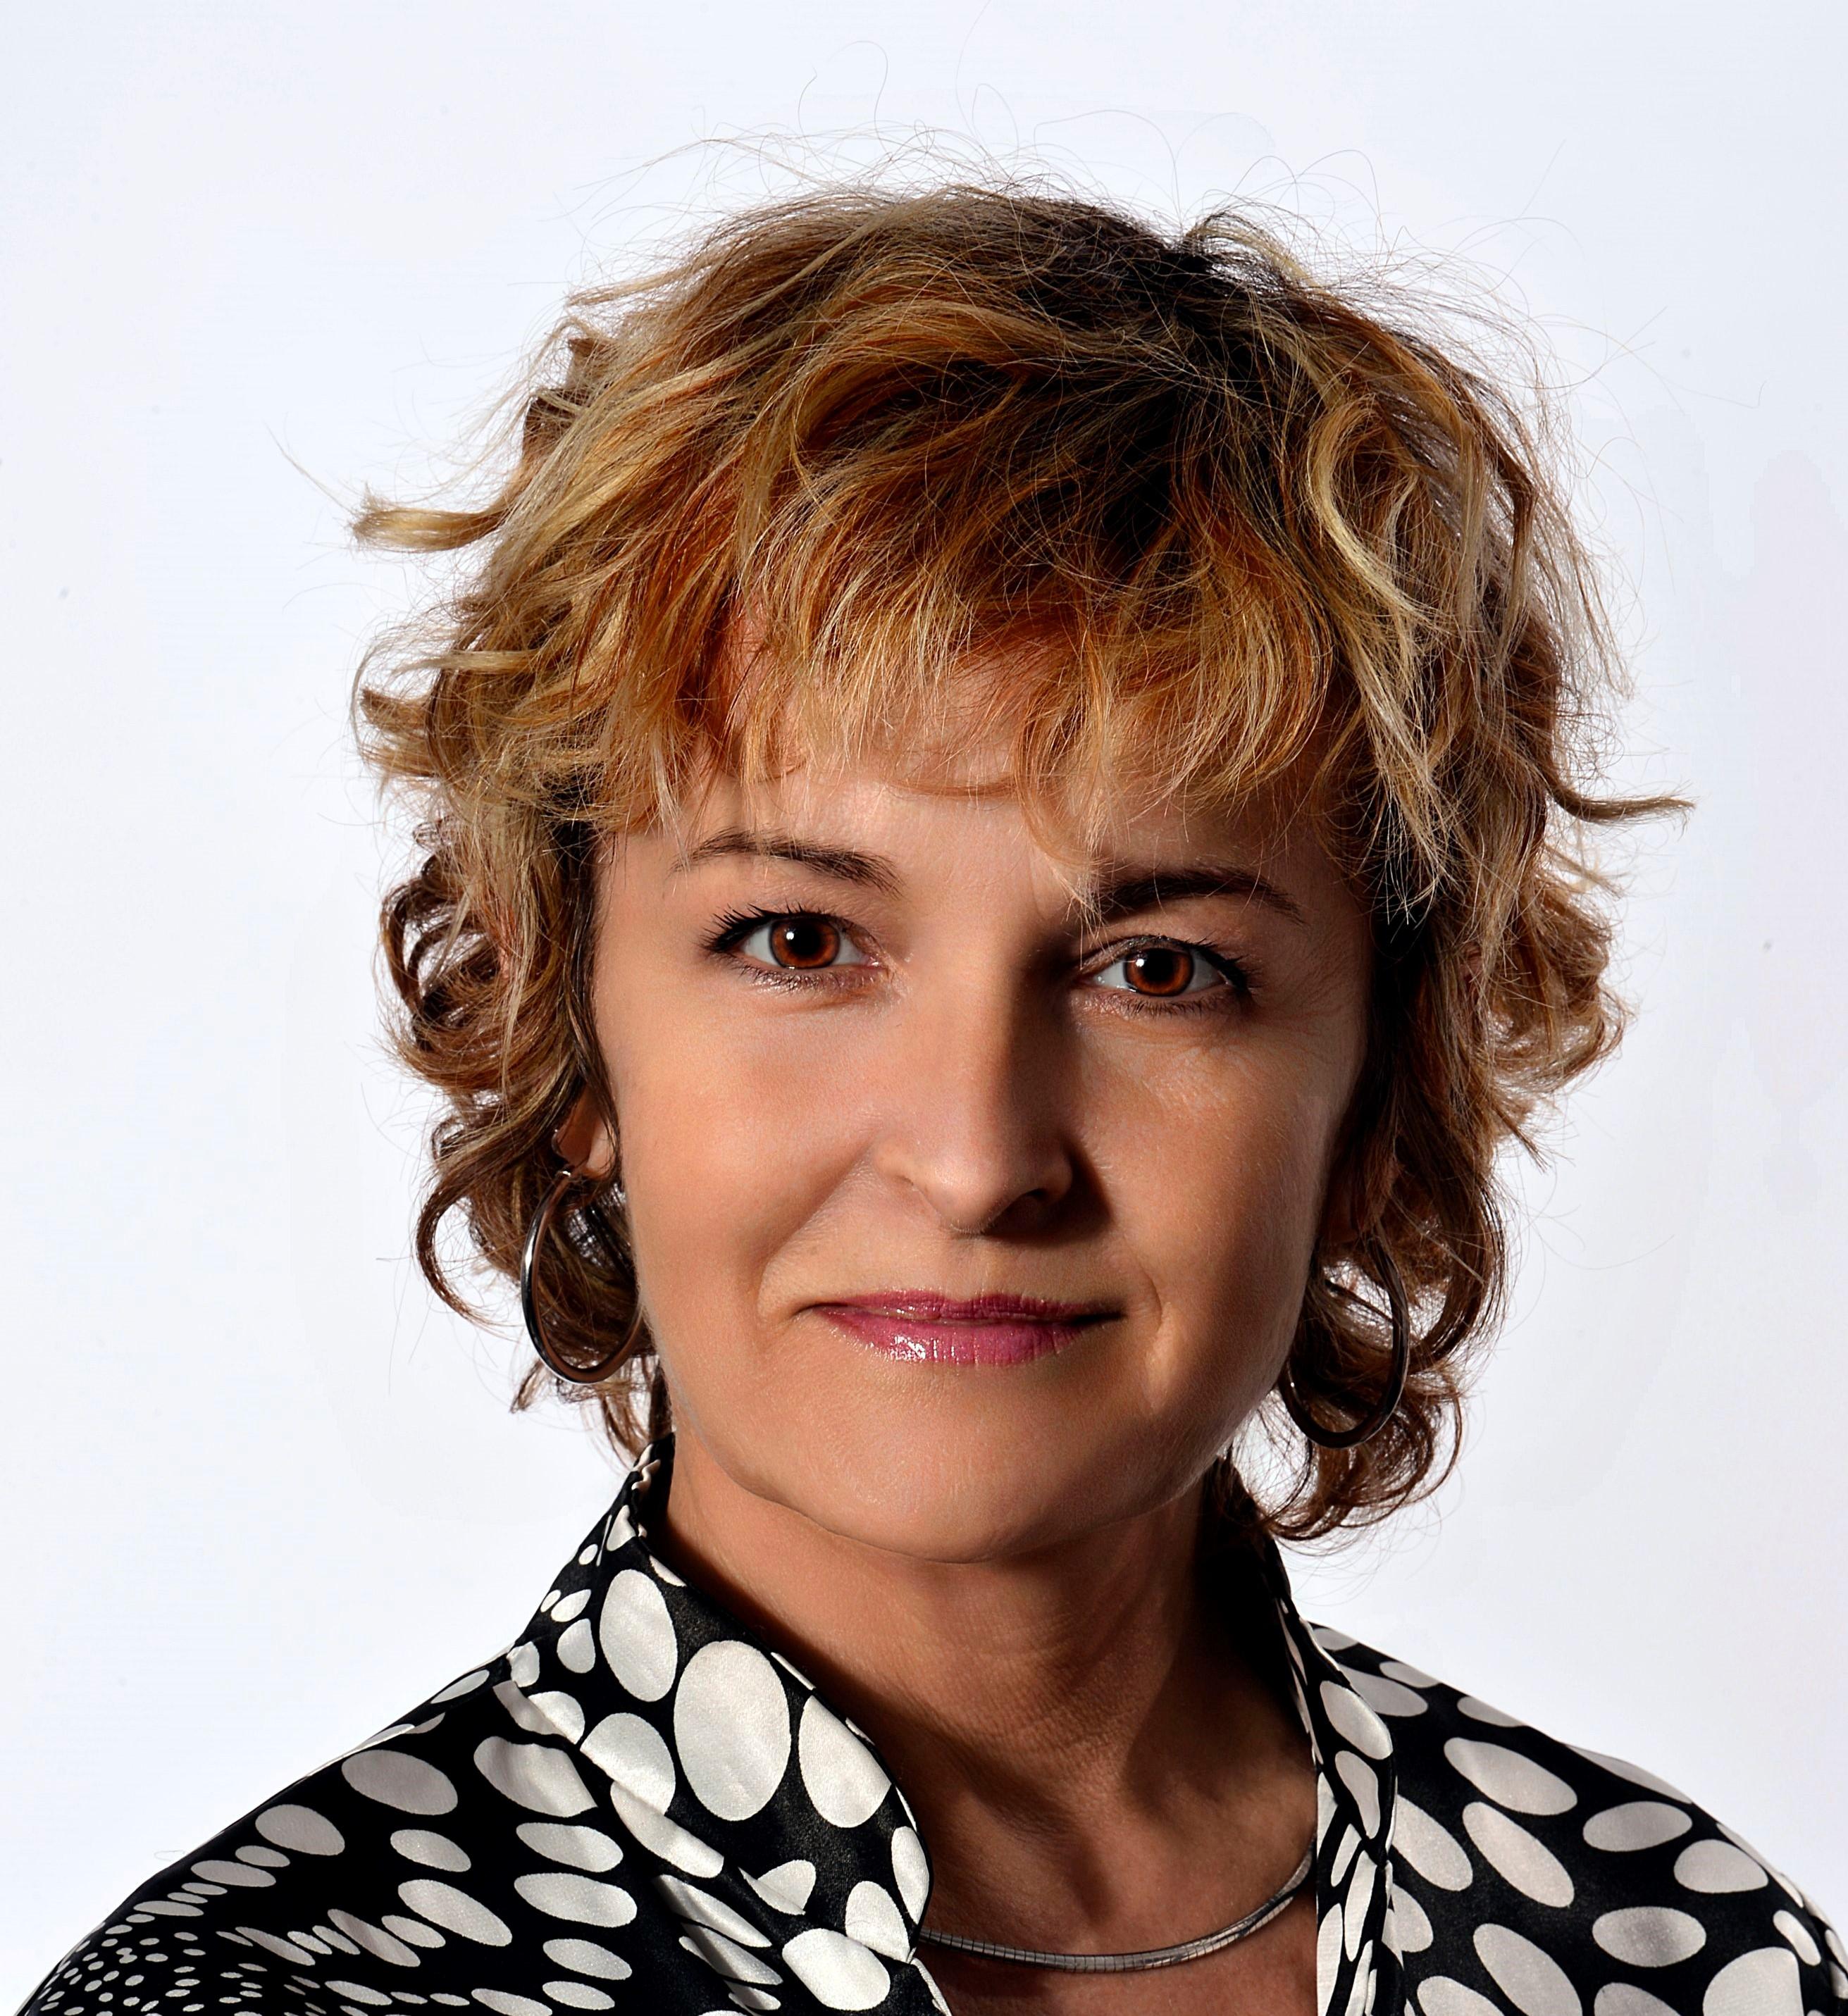 Cécile DELOOSE